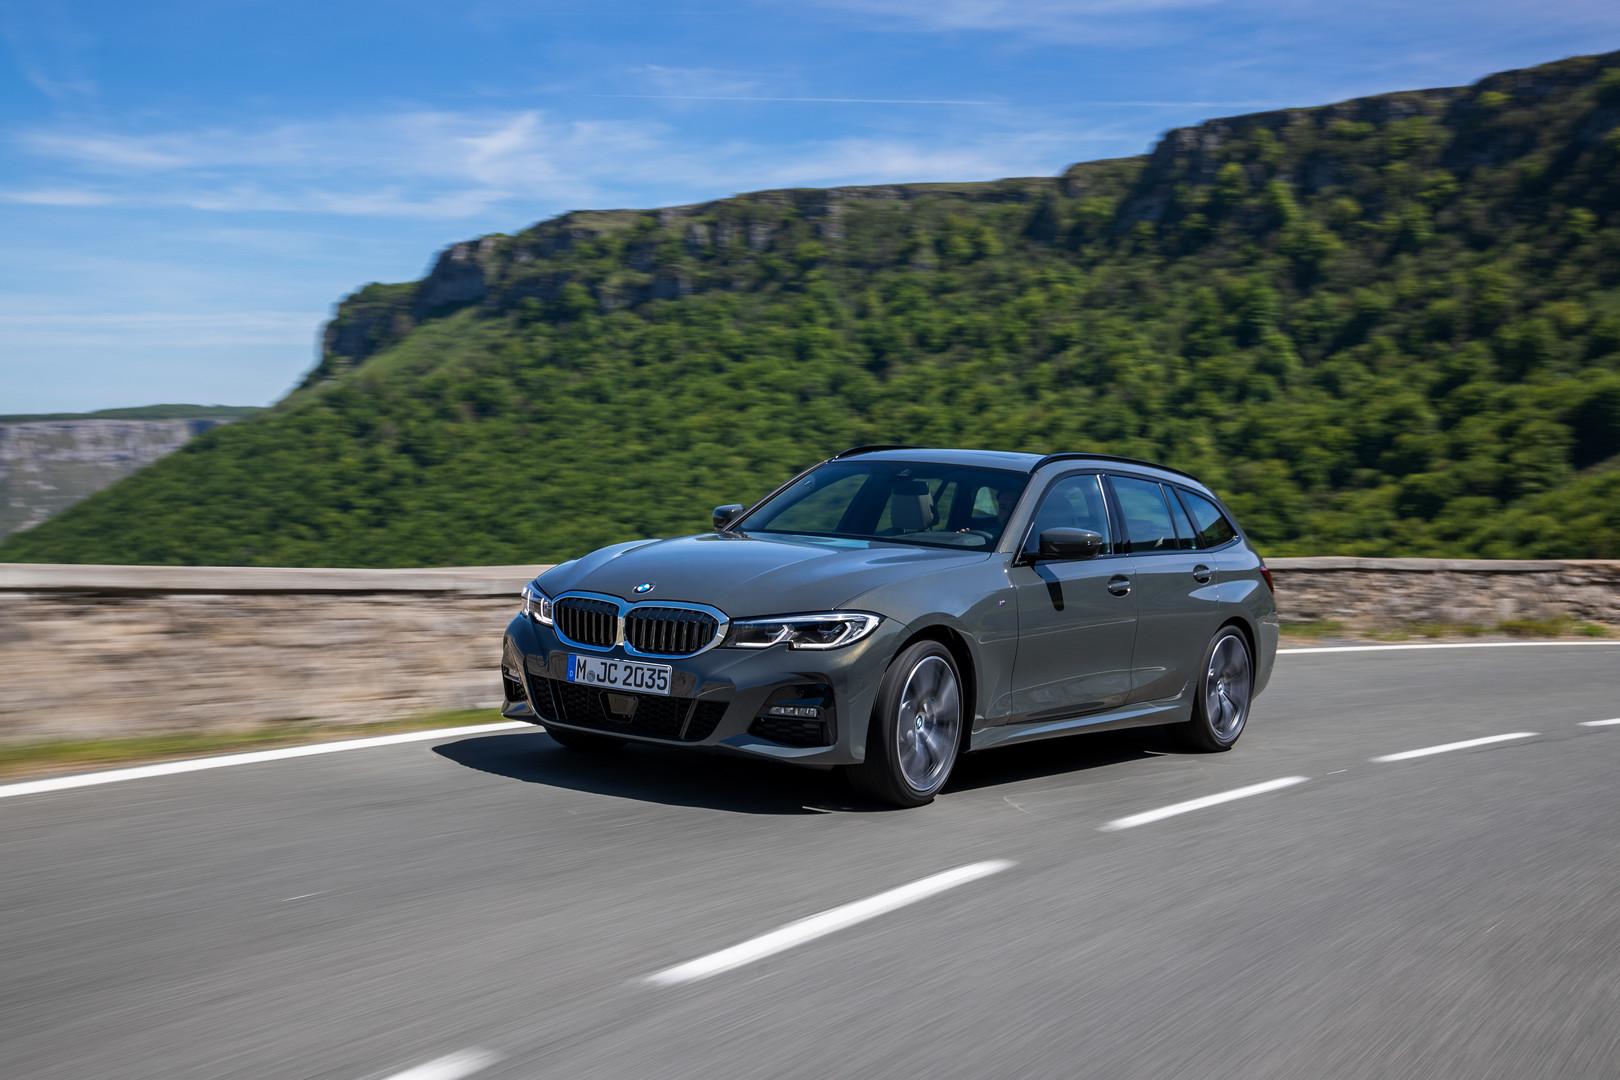 2020 BMW 3 Series Touring Wallpaper